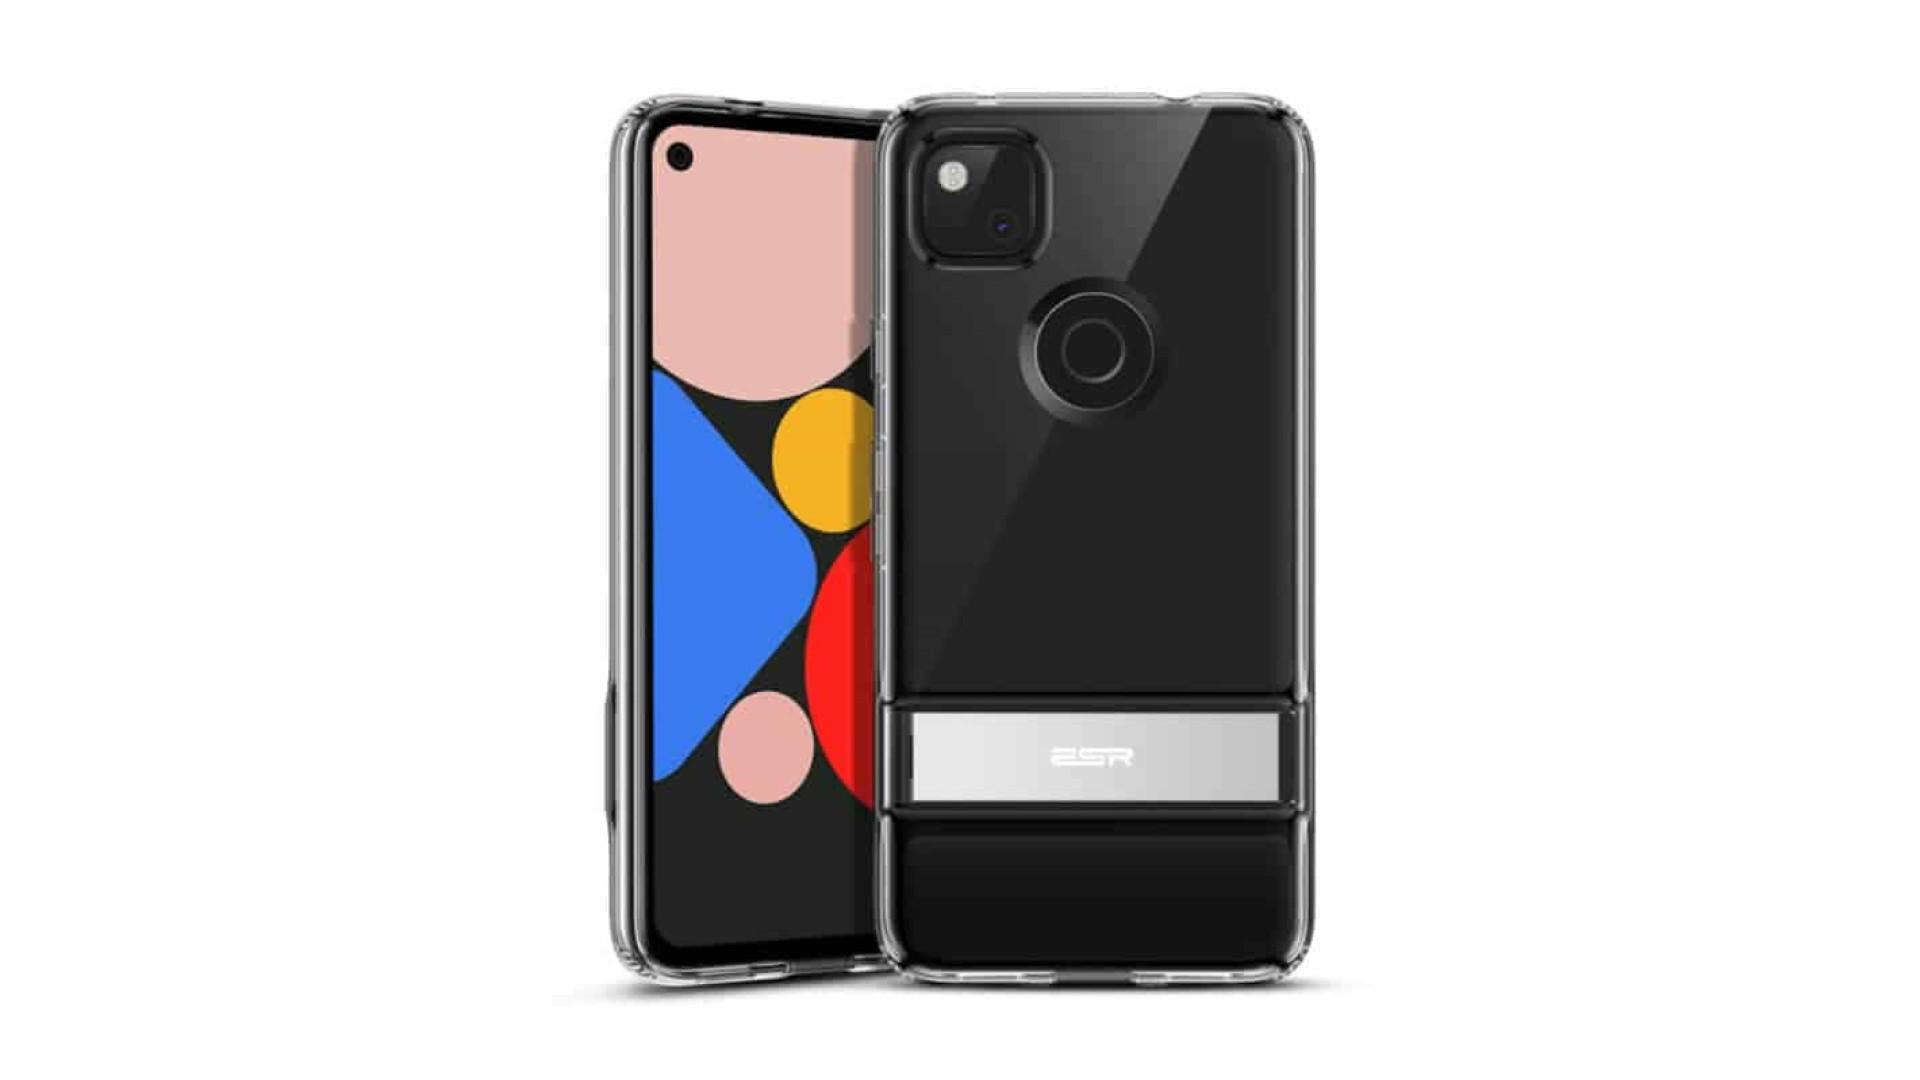 Smartphone Pixel 4a pode ter sido revelado por acidente